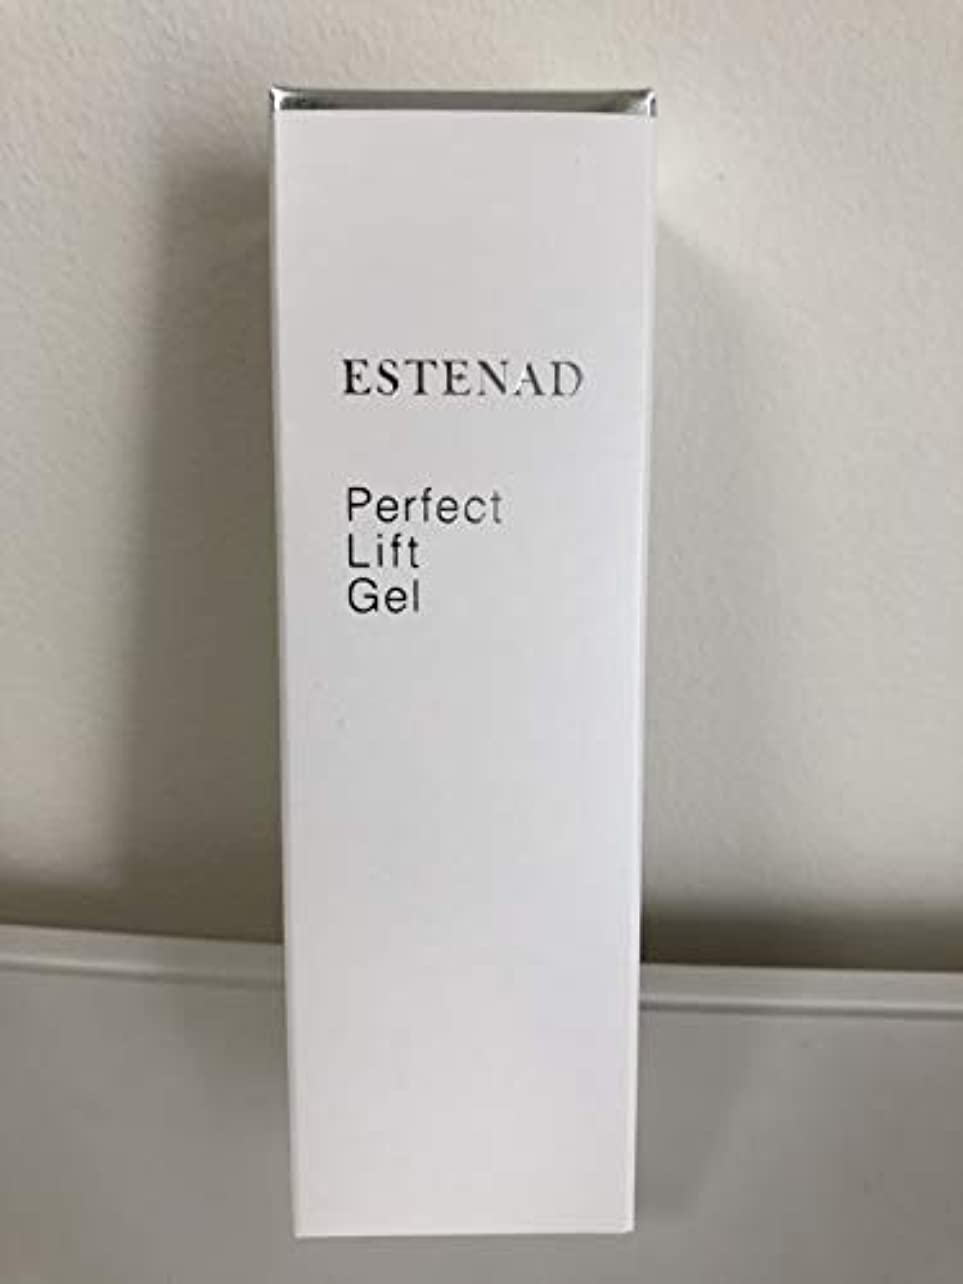 中止します迅速真っ逆さまエステナード パーフェクトリフトジェル 美容液ジェル 80g